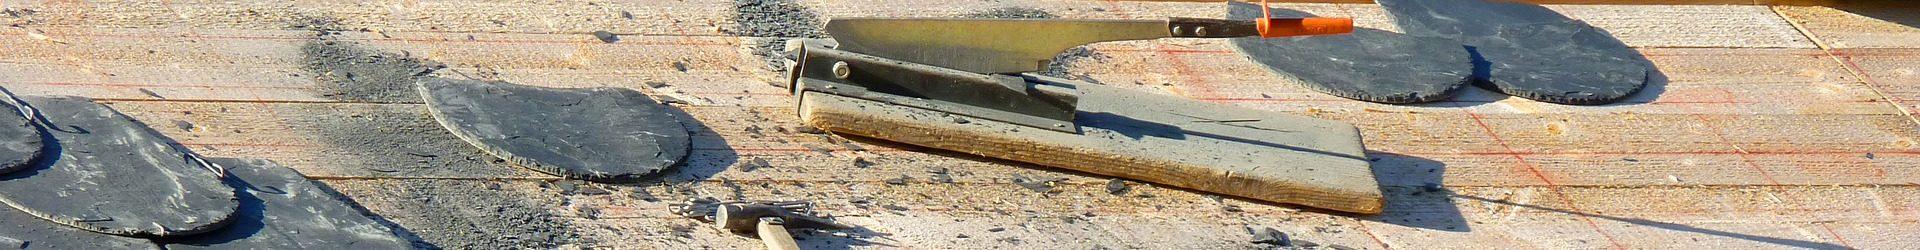 cropped-france-couvreur-couvreur-toiture-reparation-dans-oise-somme-nord-pas-de-calais-seine-maritime-alpes-maritime-provence-couvreur-toit-2-1.jpg